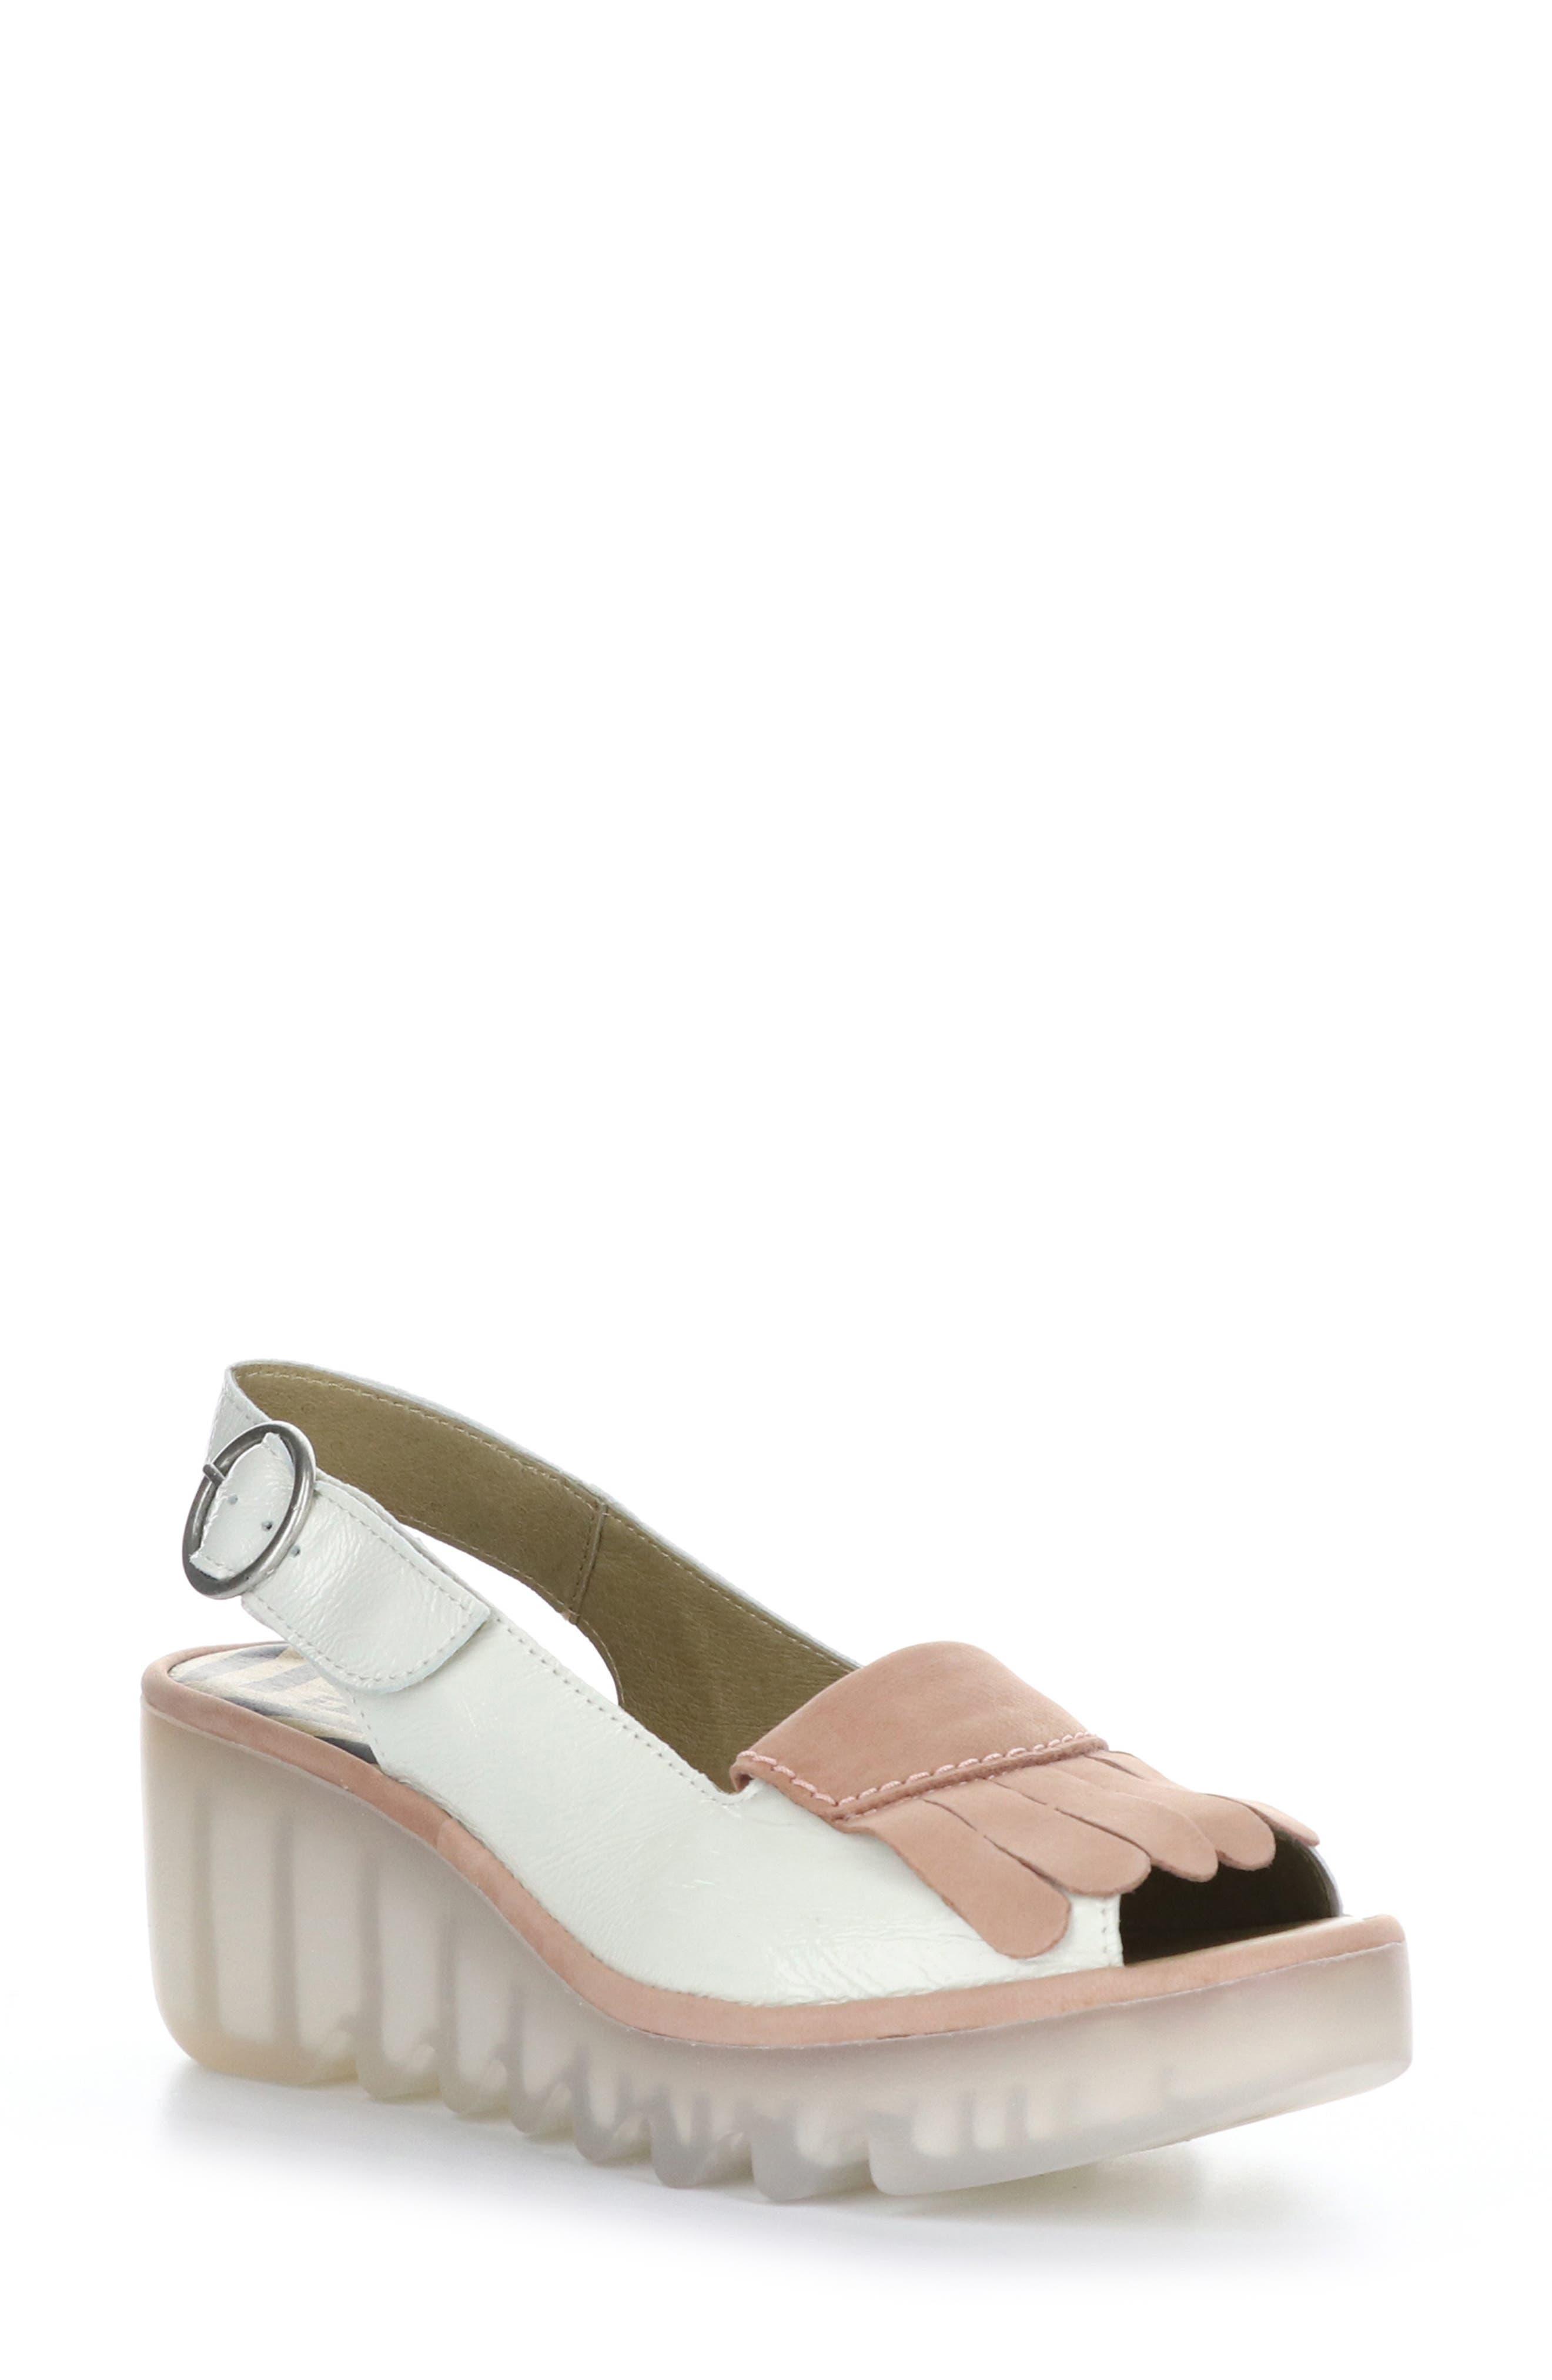 Bind Wedge Slingback Sandal